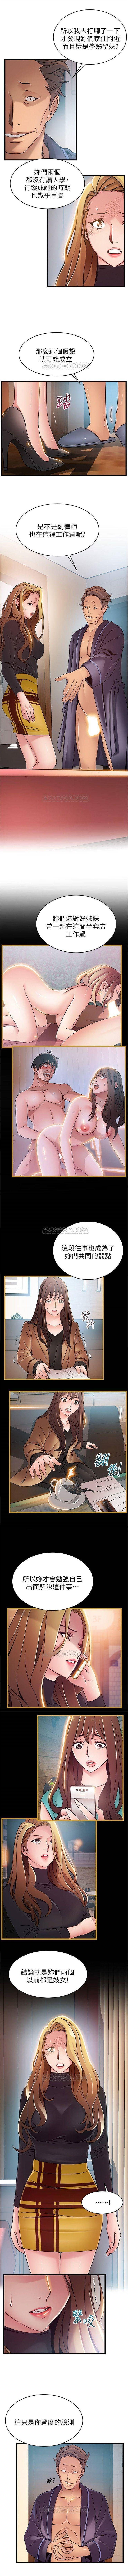 (周7)弱点 1-66 中文翻译(更新中) 350